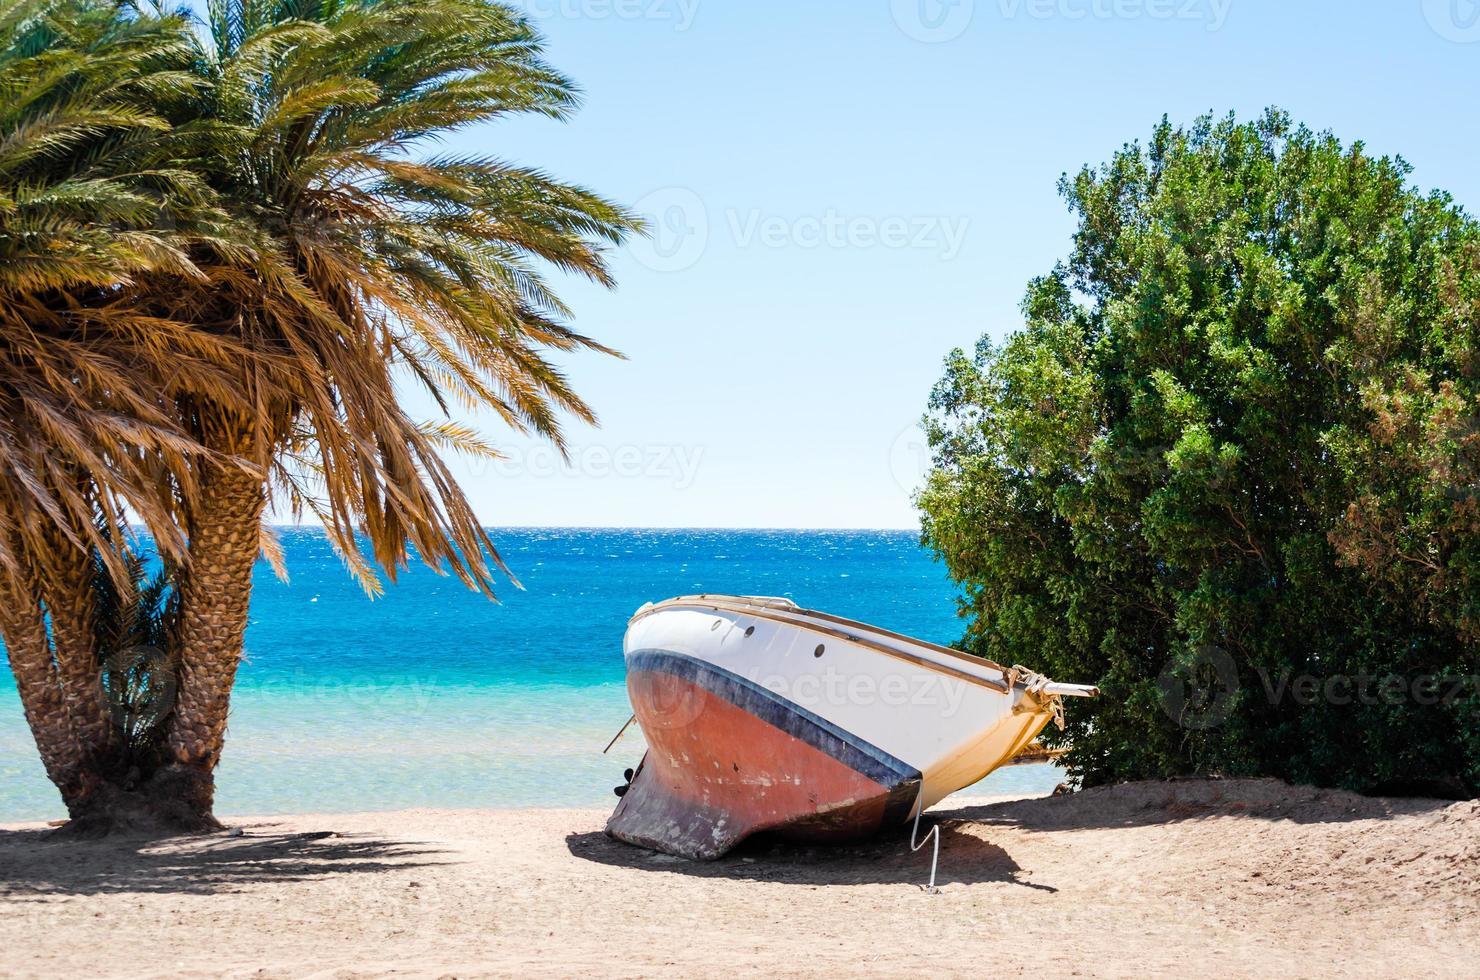 gammal yacht i sanden mellan växter foto